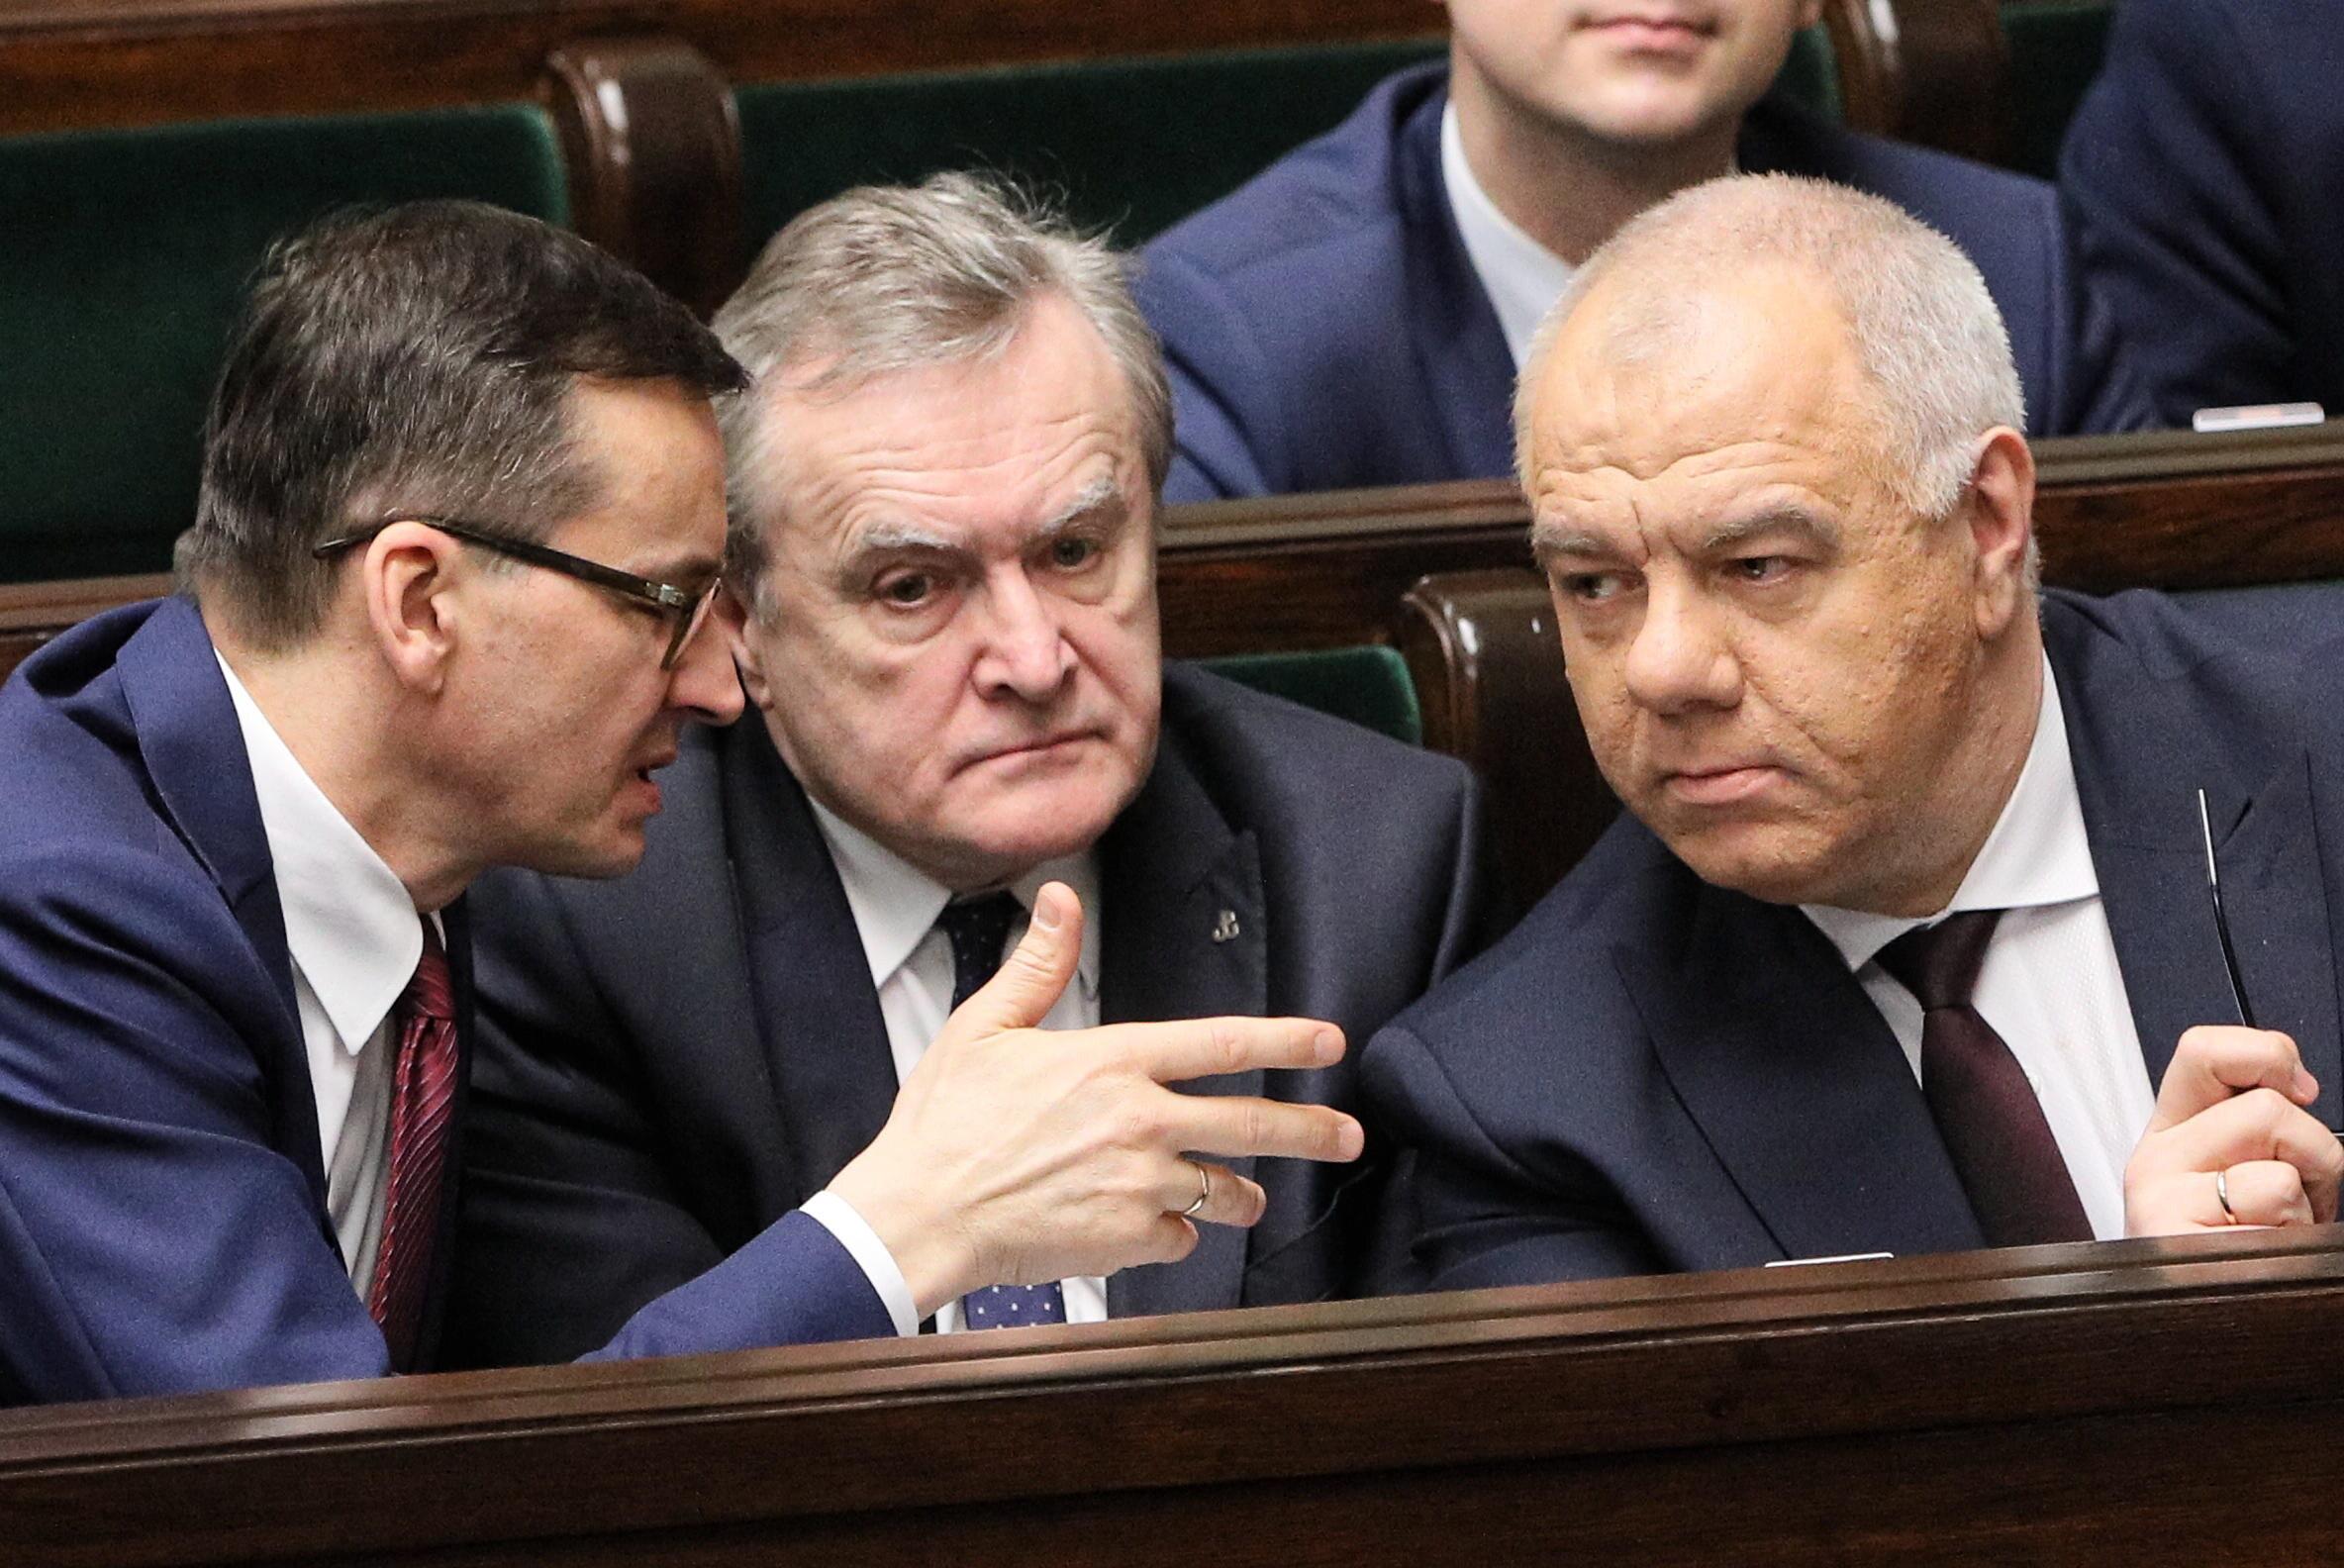 Od lewej: Mateusz Morawiecki, Piotr Gliński i Jacek Sasin w Sejmie